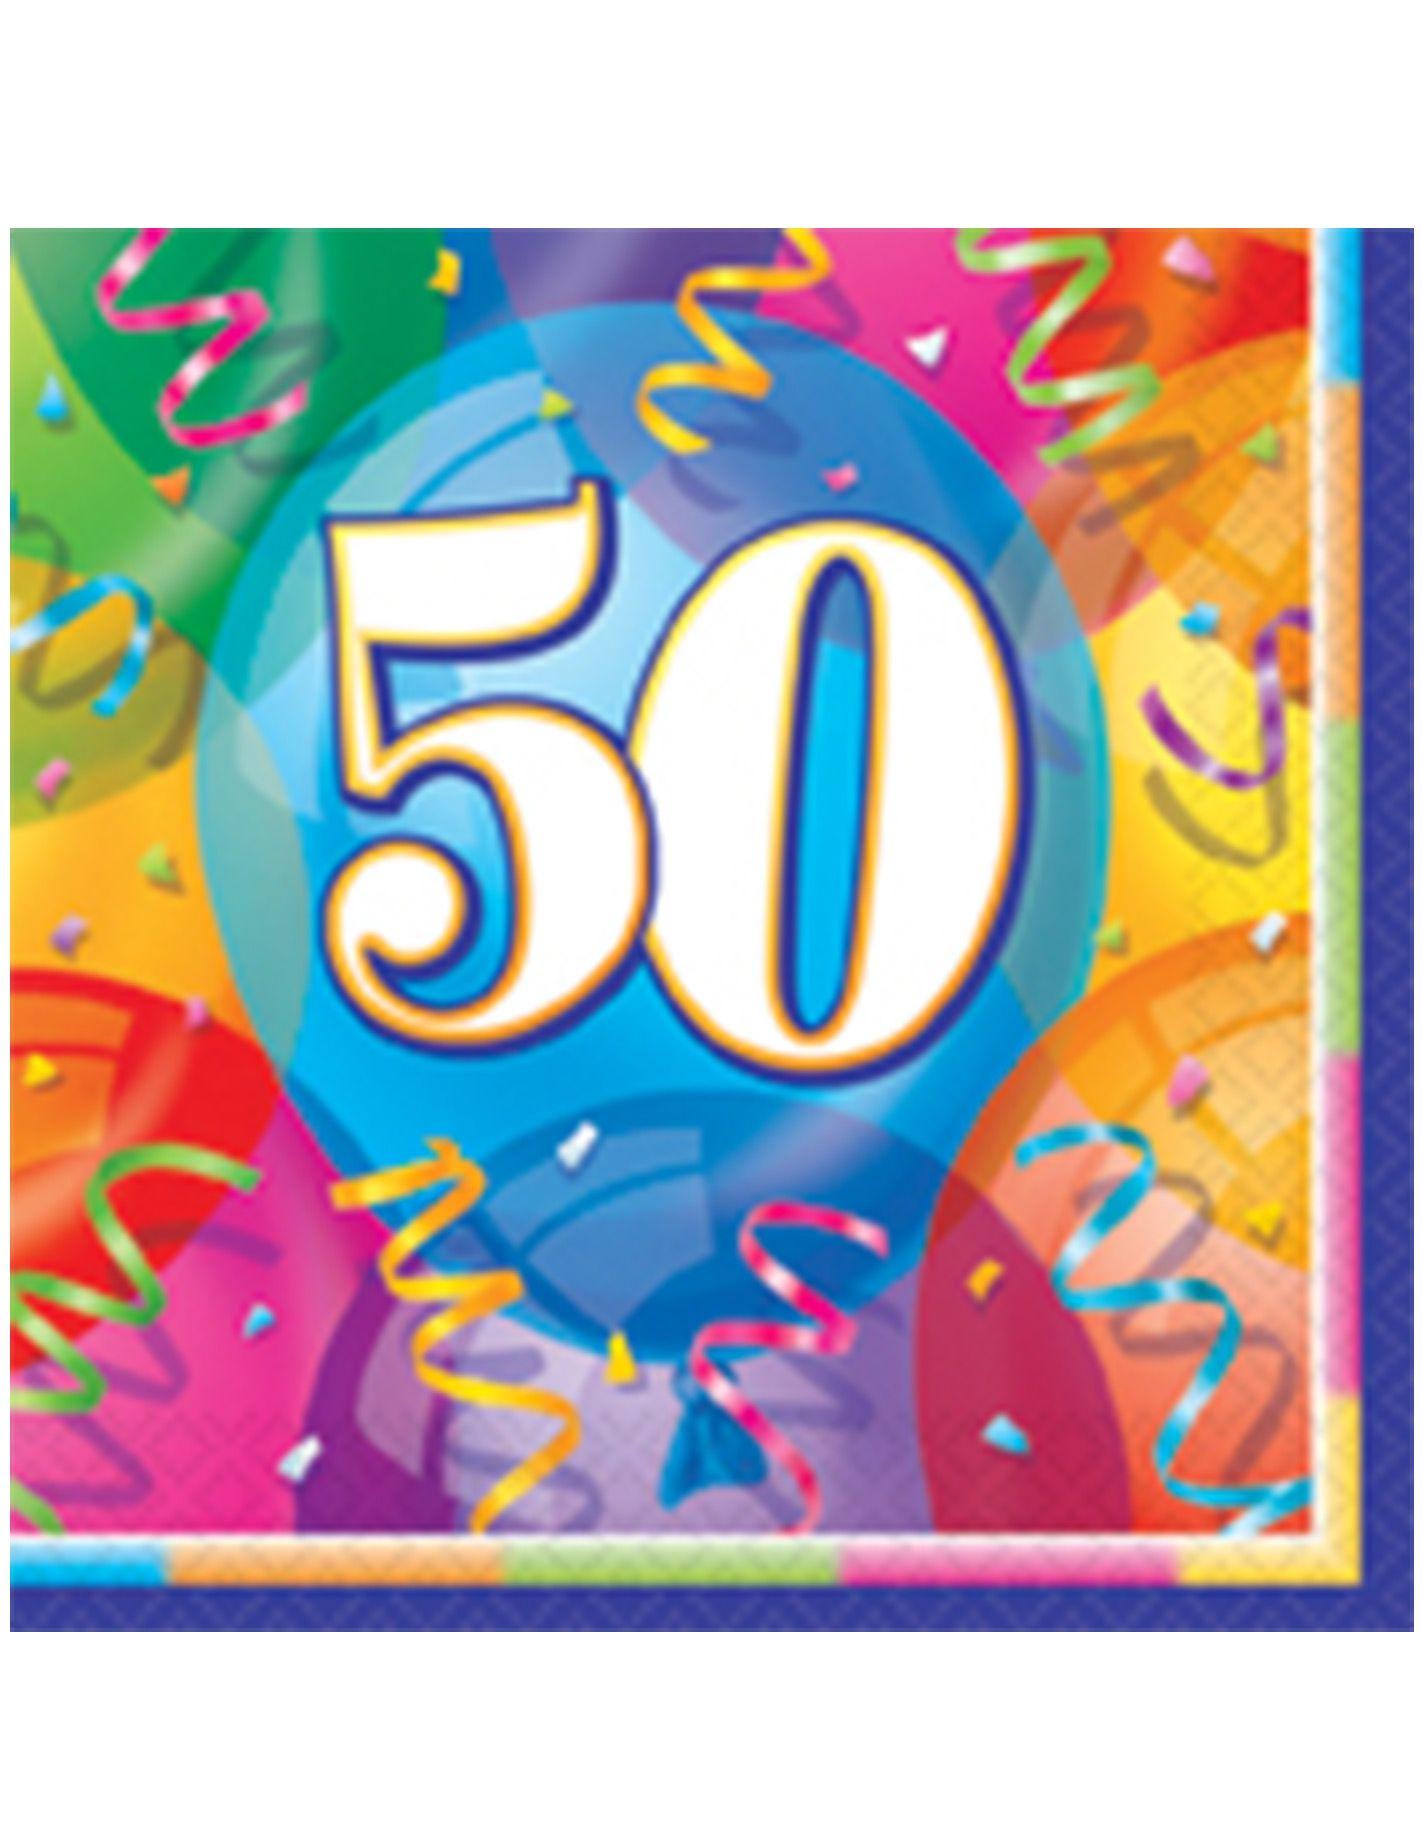 Carte Anniversaire 50 Ans A Telecharger Gratuitement Elevagequalitetouraine